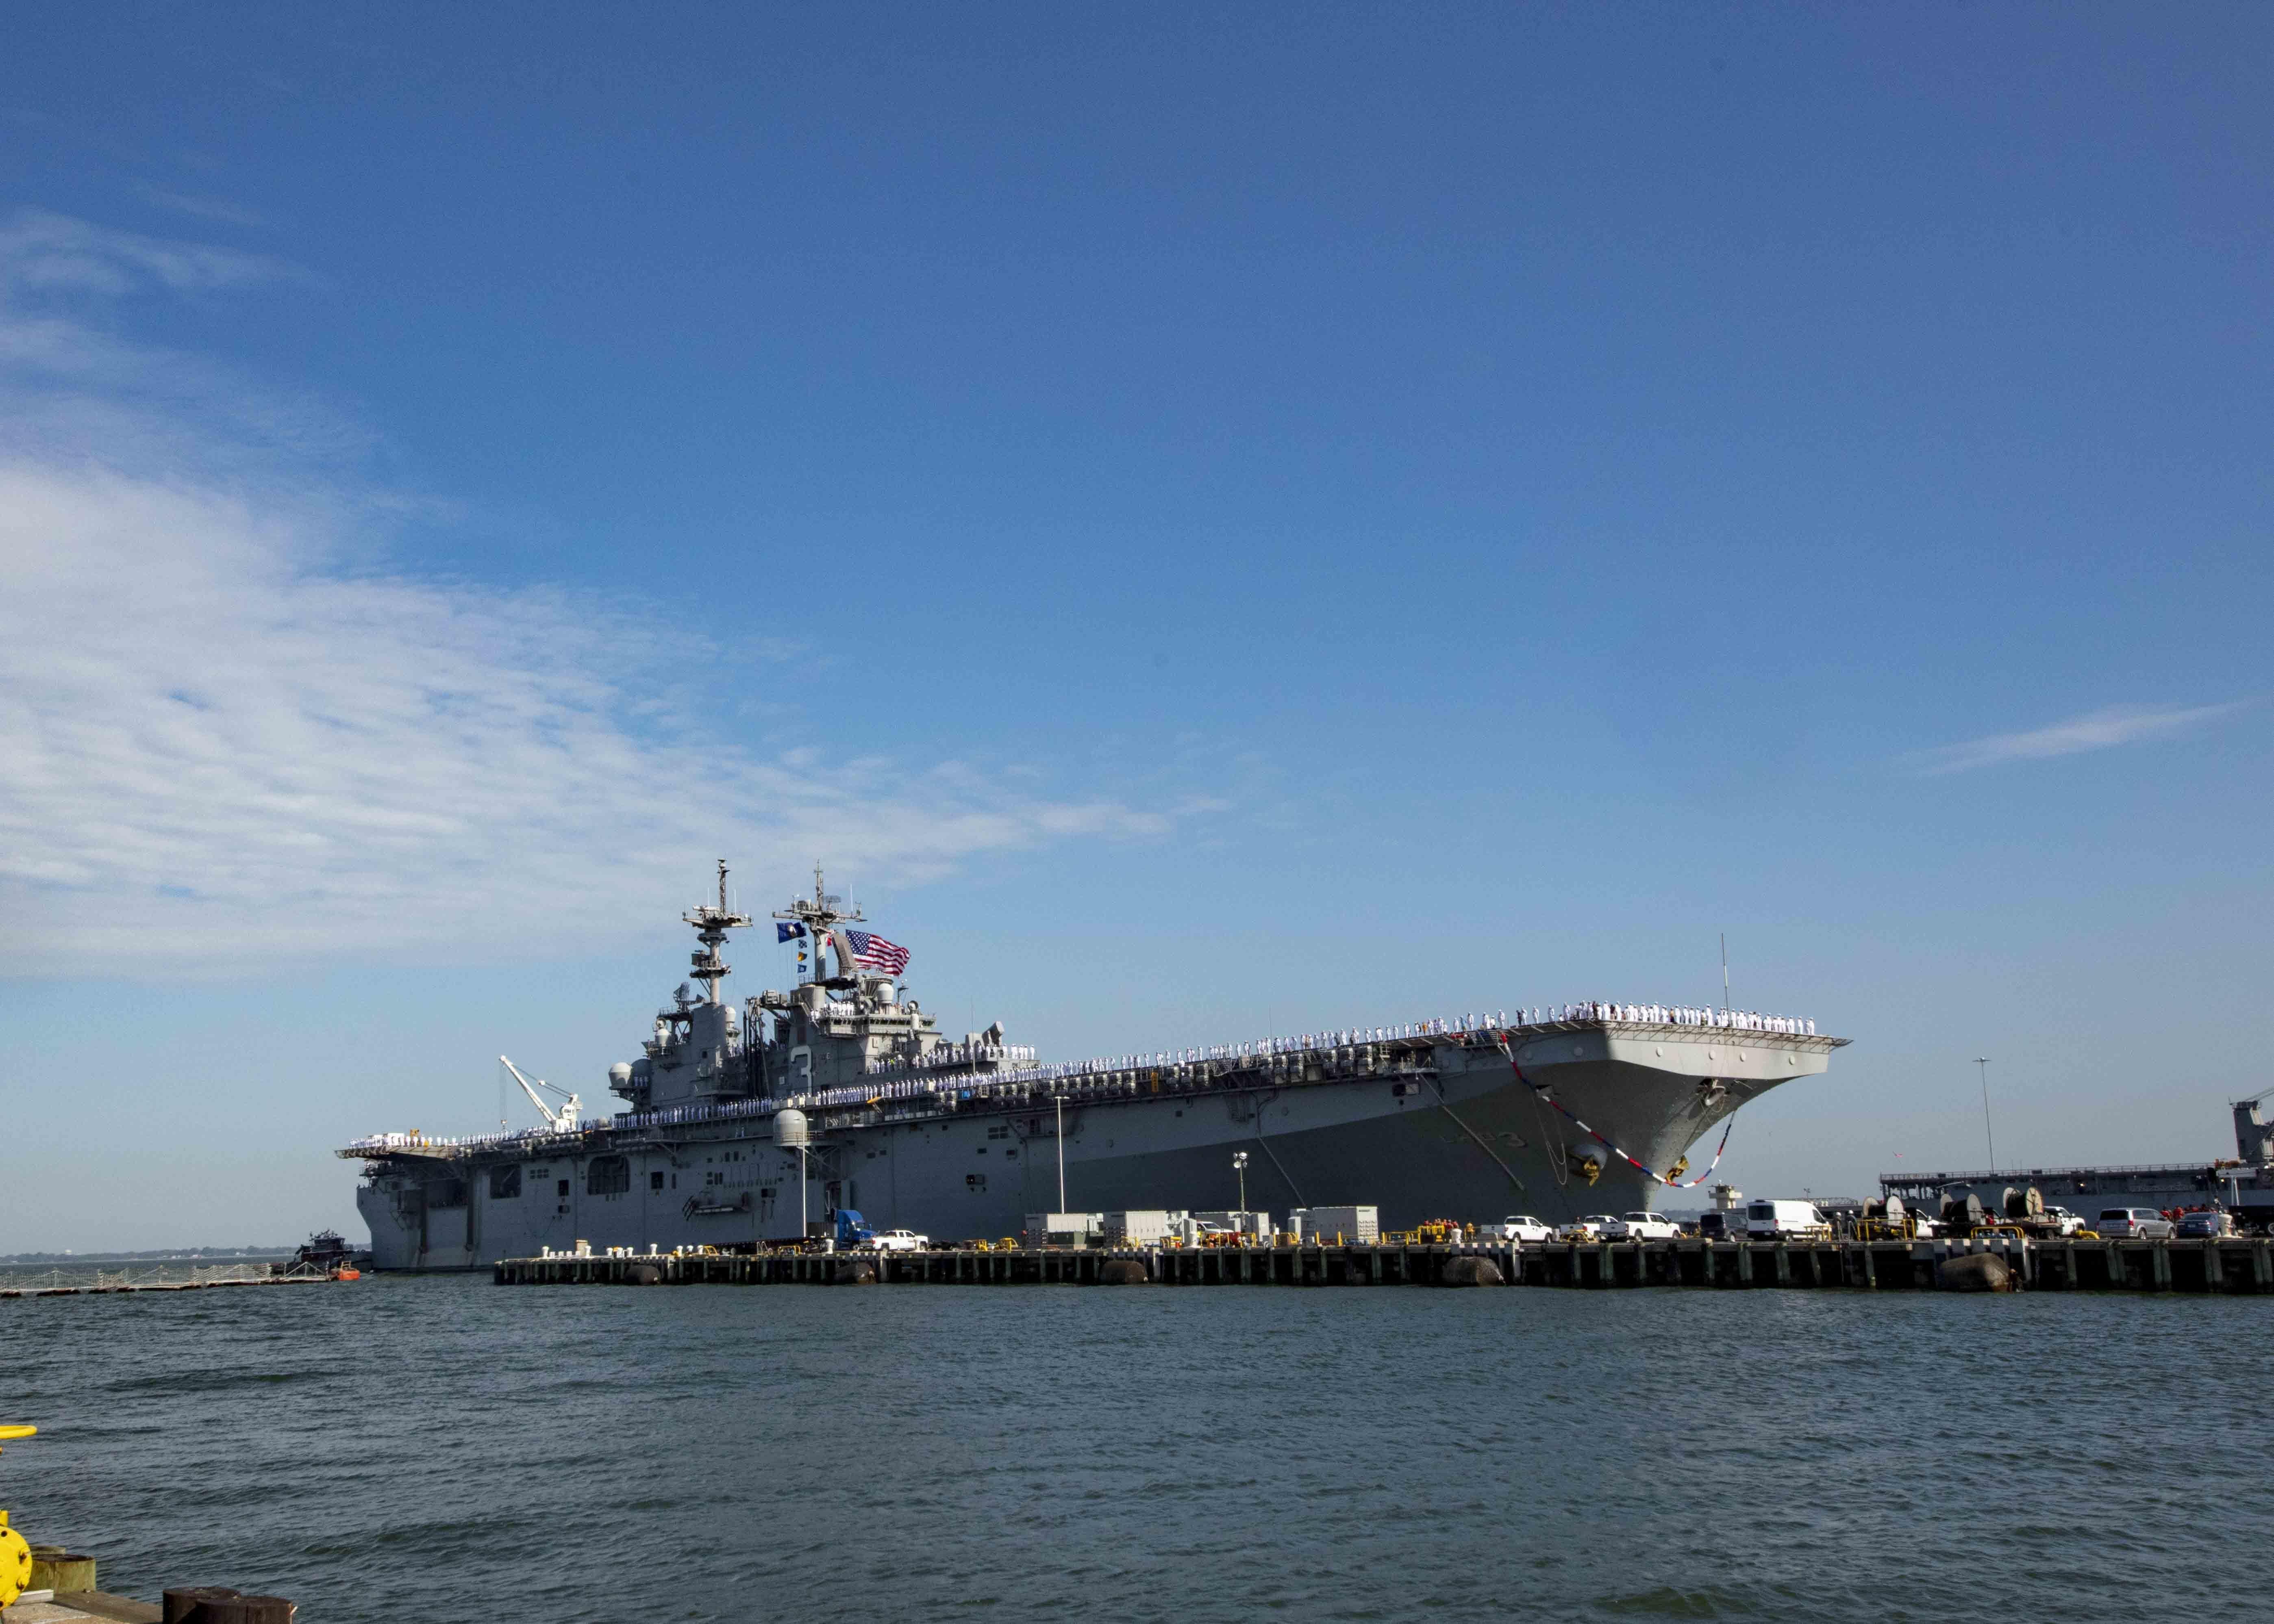 Kearsarge Returns to Norfolk After 7-Month Deployment - USNI News